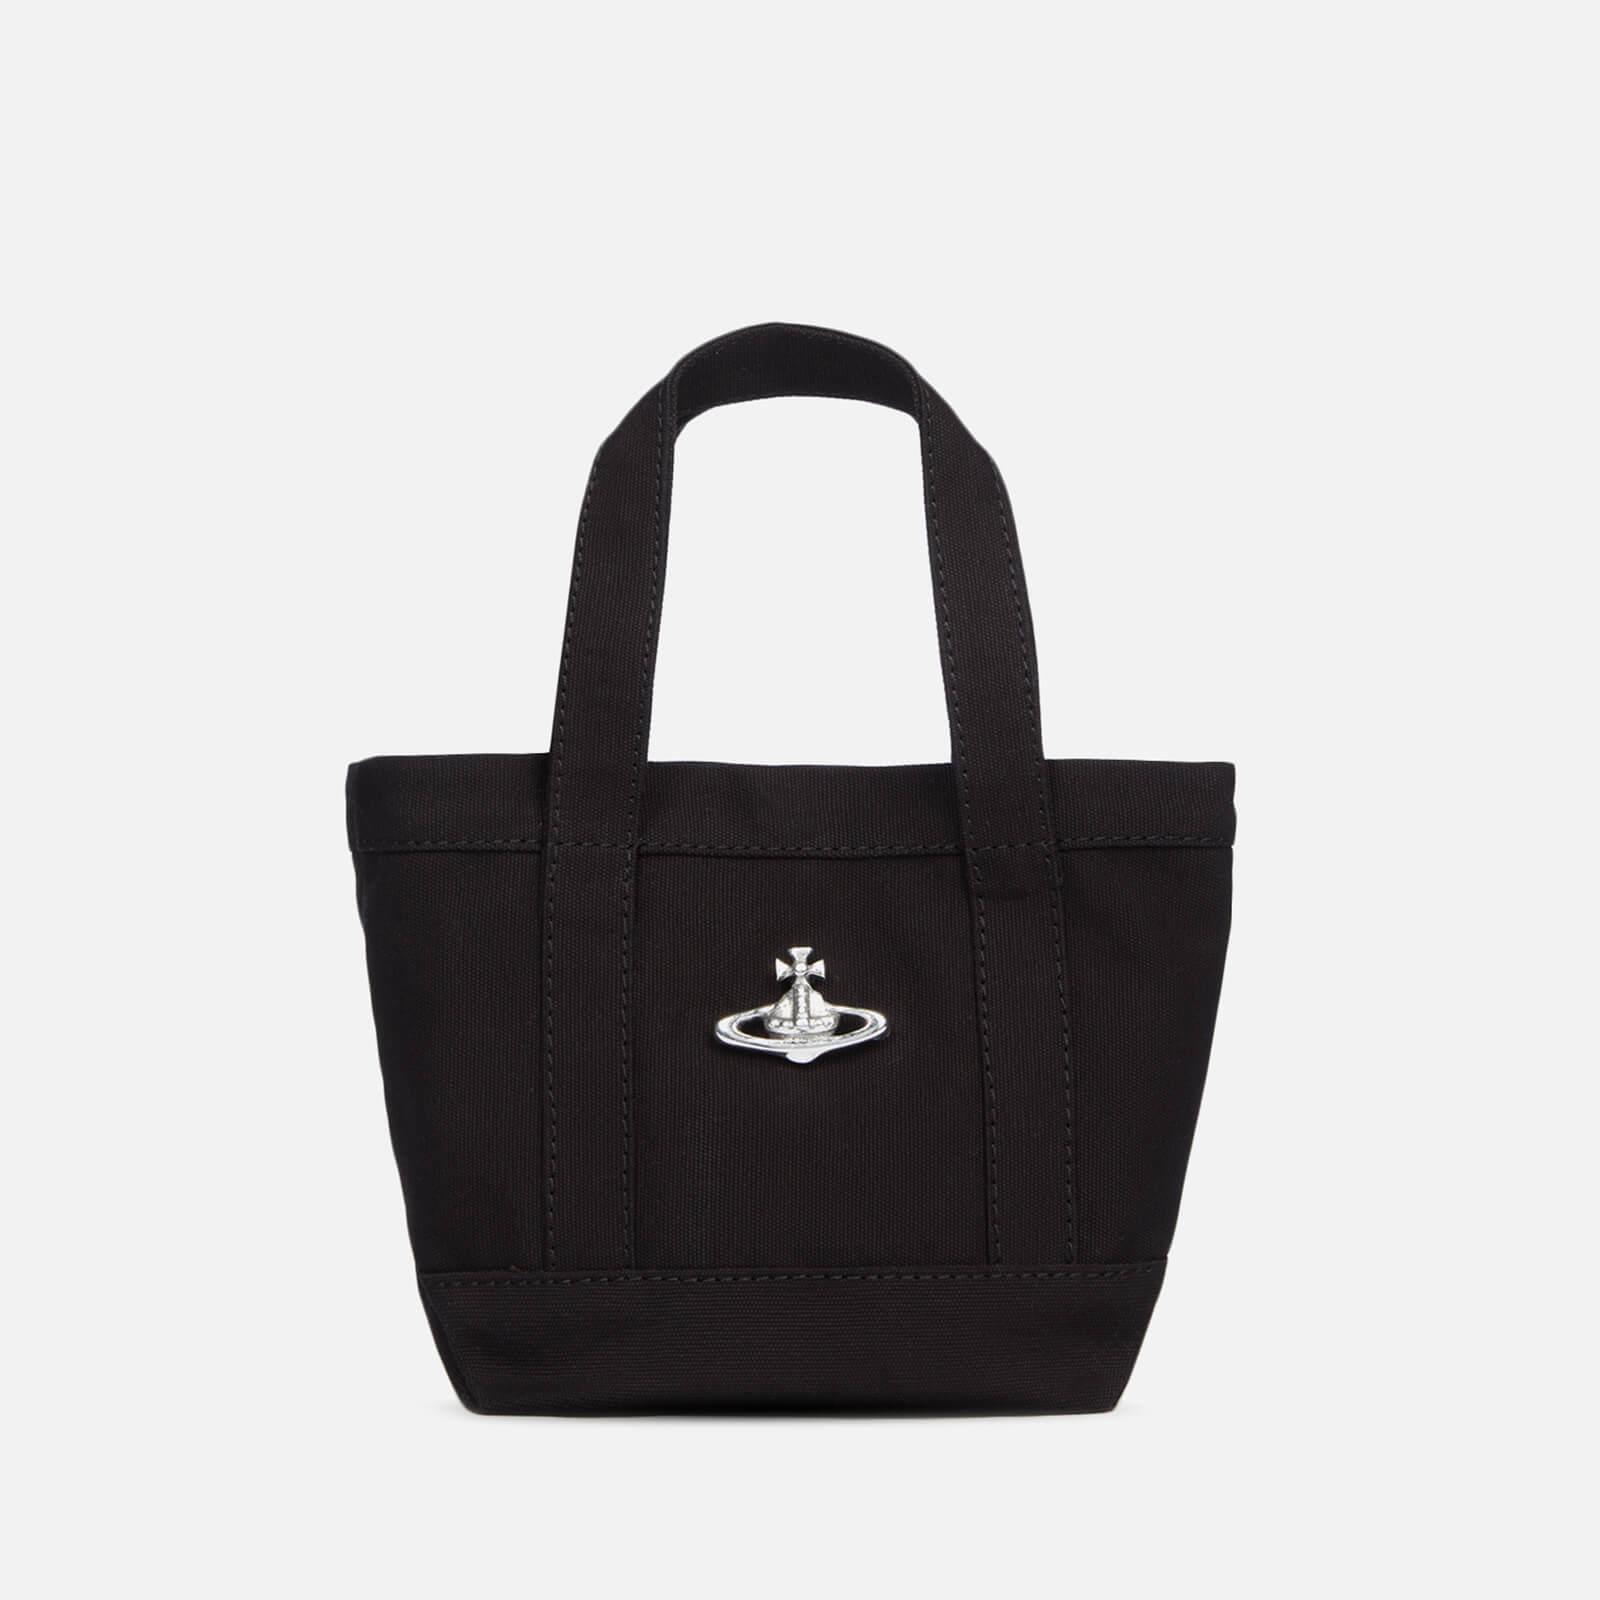 Vivienne Westwood Women's Utility Mini Shopper Bag - Black